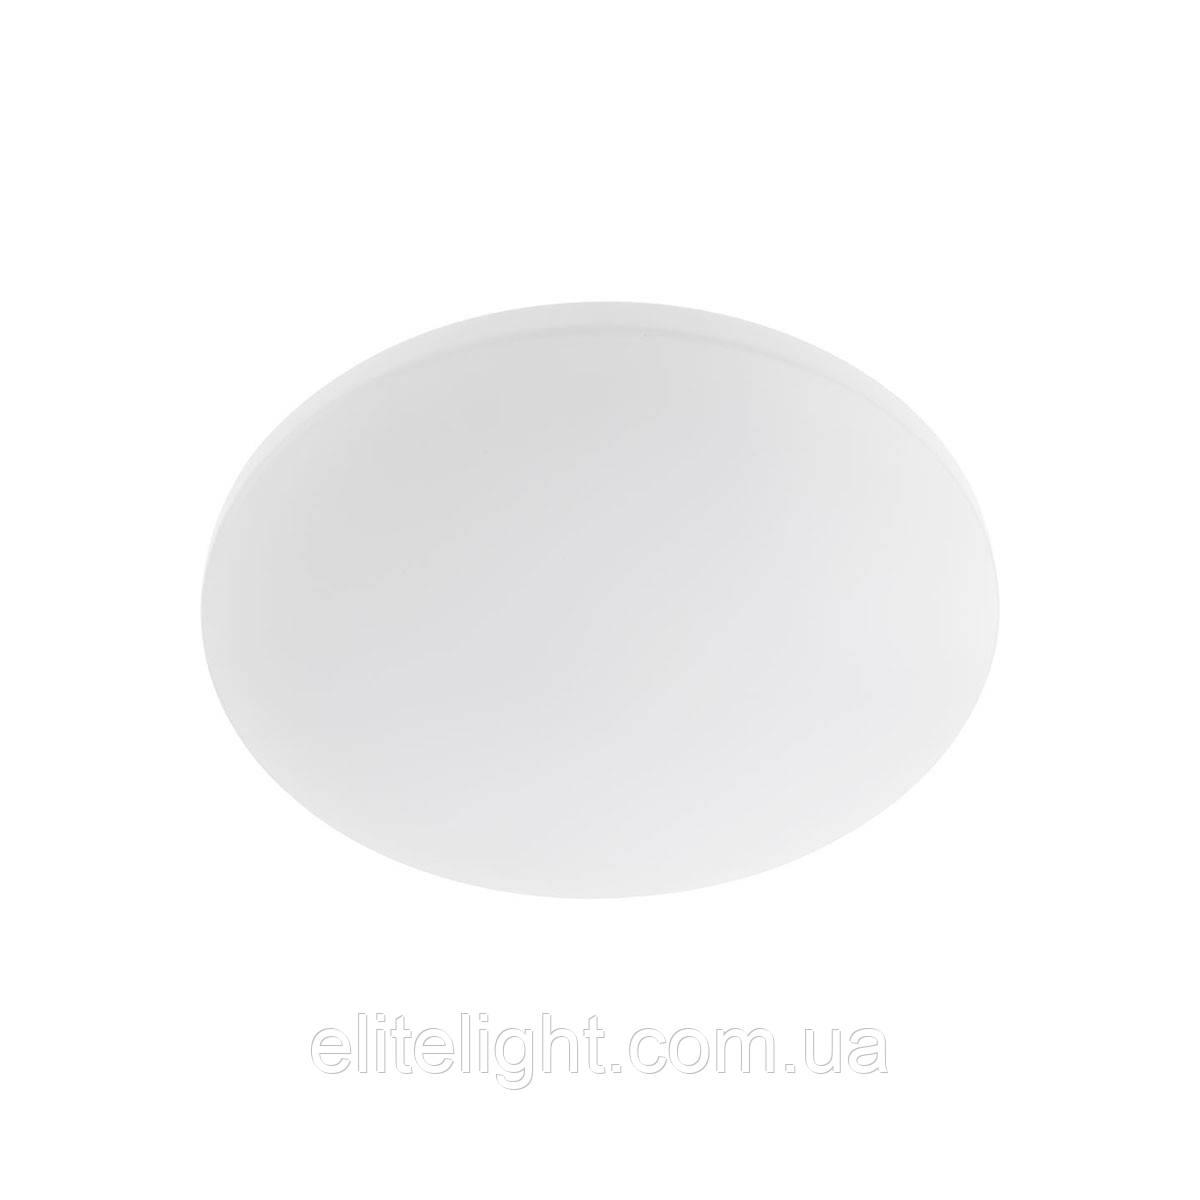 Потолочный светильник Arelux XEON AP/PL